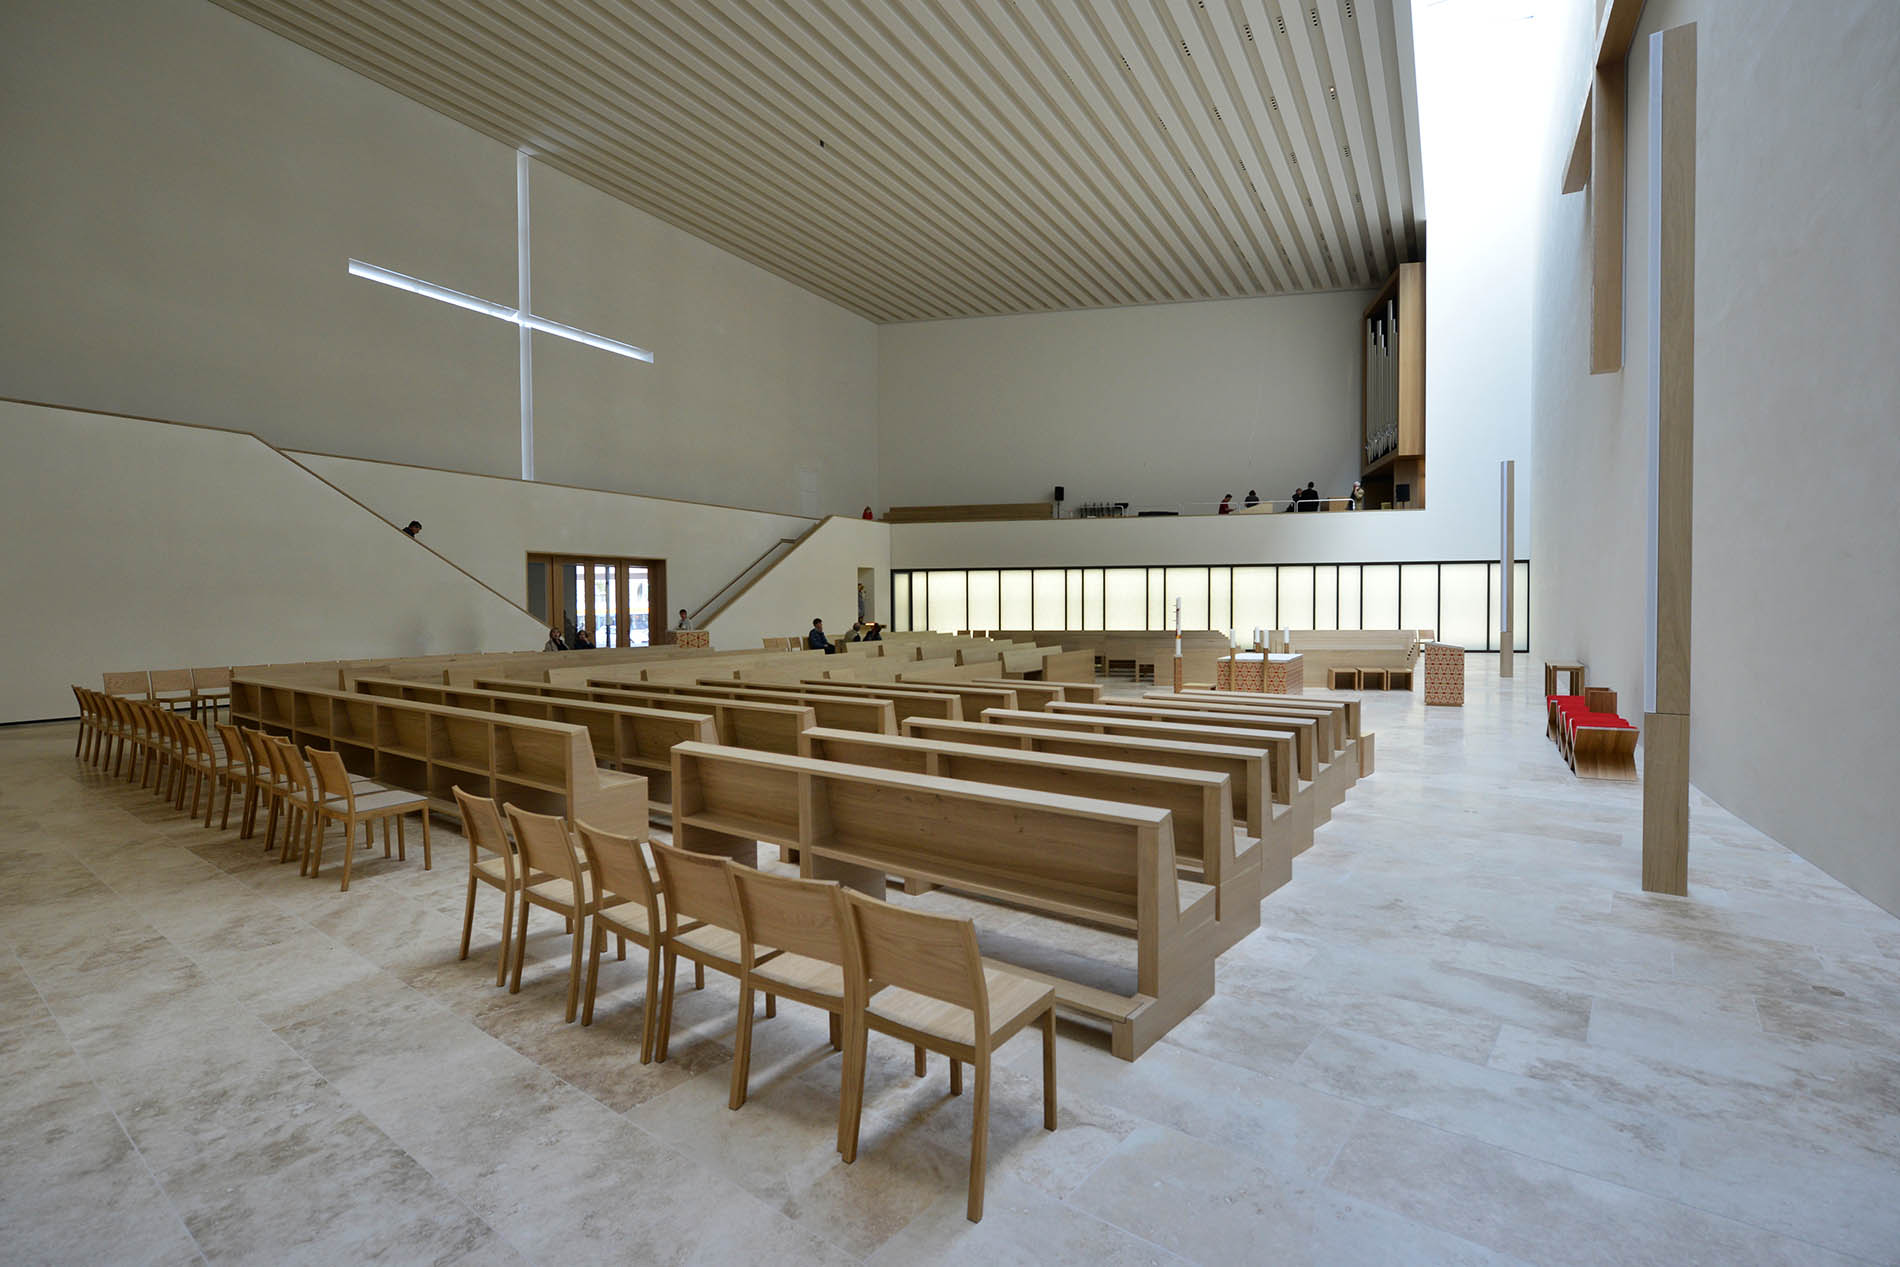 Propsteikirche St. Trinitatis Leipzig - mit Bodenplatten aus Bauhaus Travertin